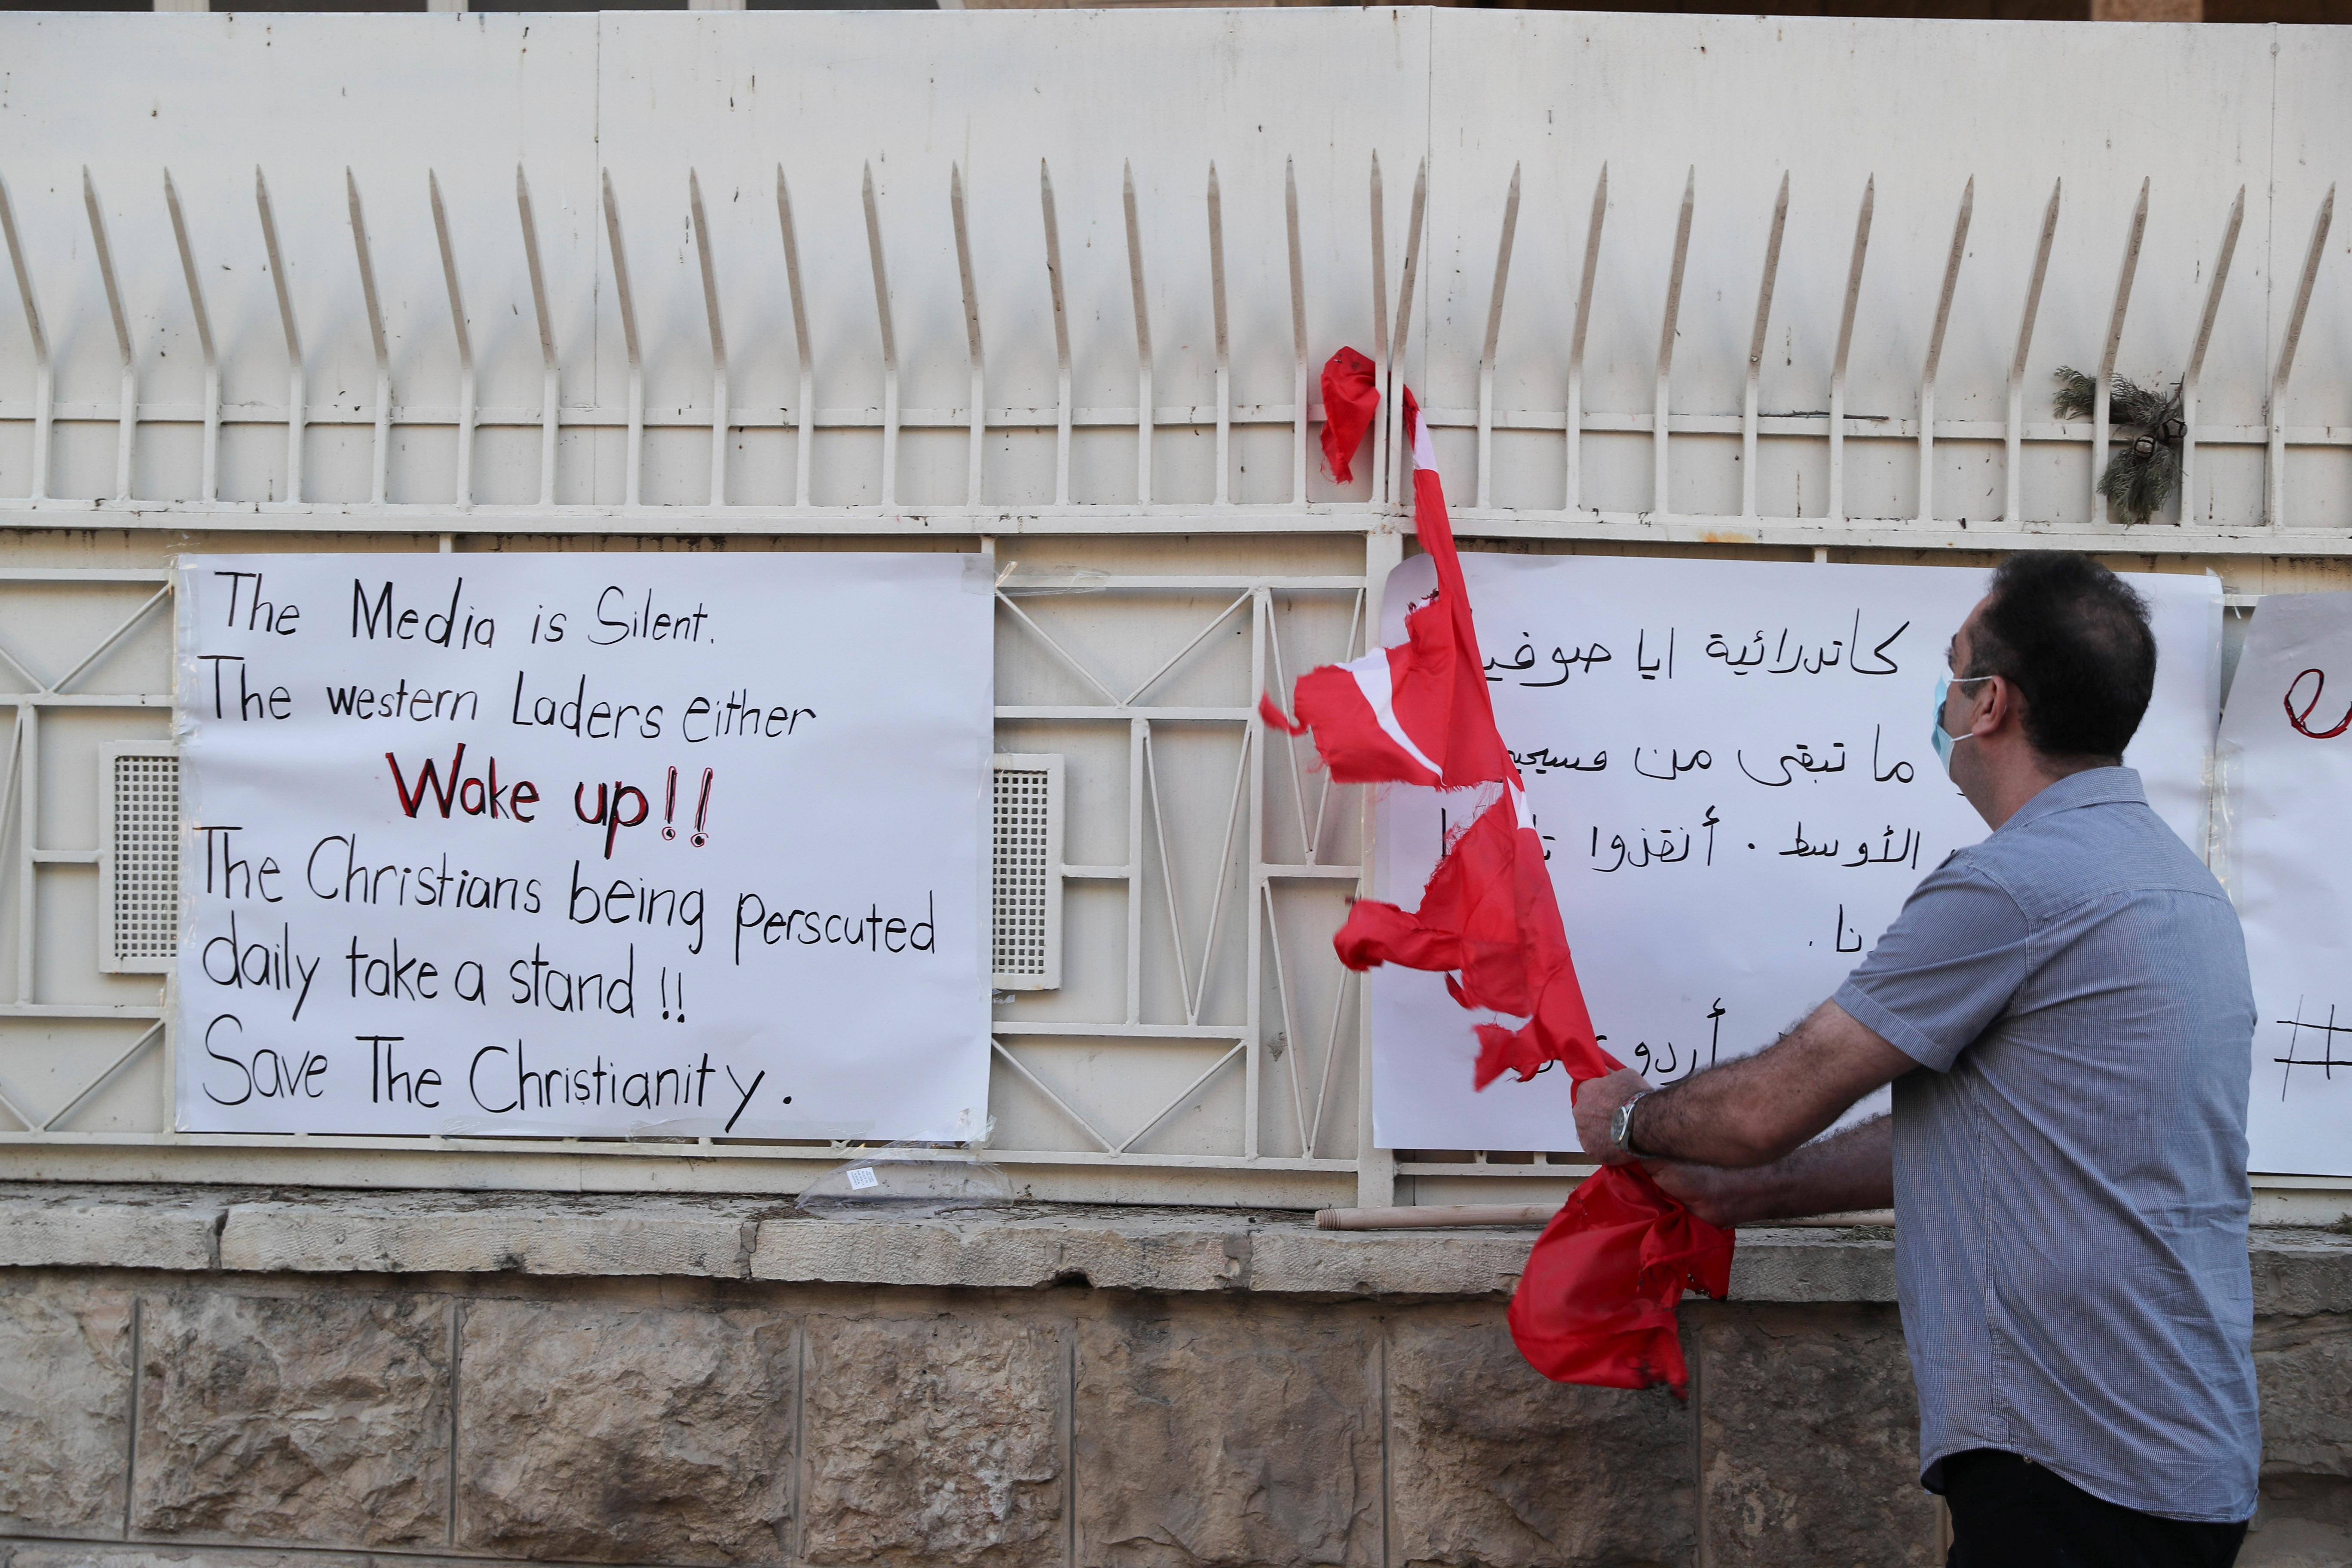 İsrailli gruptan, Türk bayrağına alçak saldırı #2